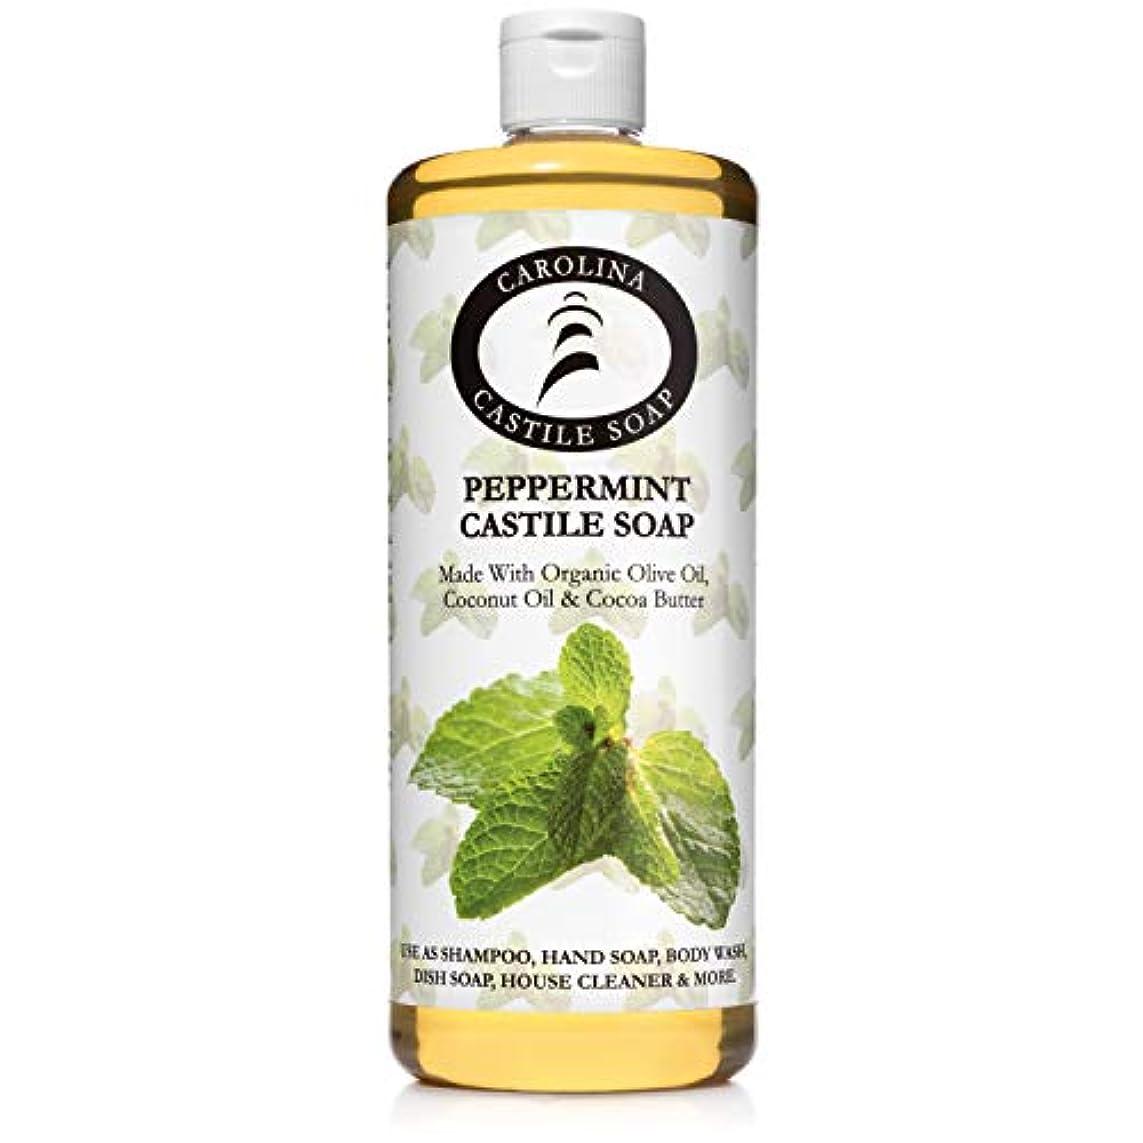 間違いなく有限反対したCarolina Castile Soap ペパーミントカスティーリャ石鹸オーガニックココアバターカロライナ州カスティーリャ 32オズ